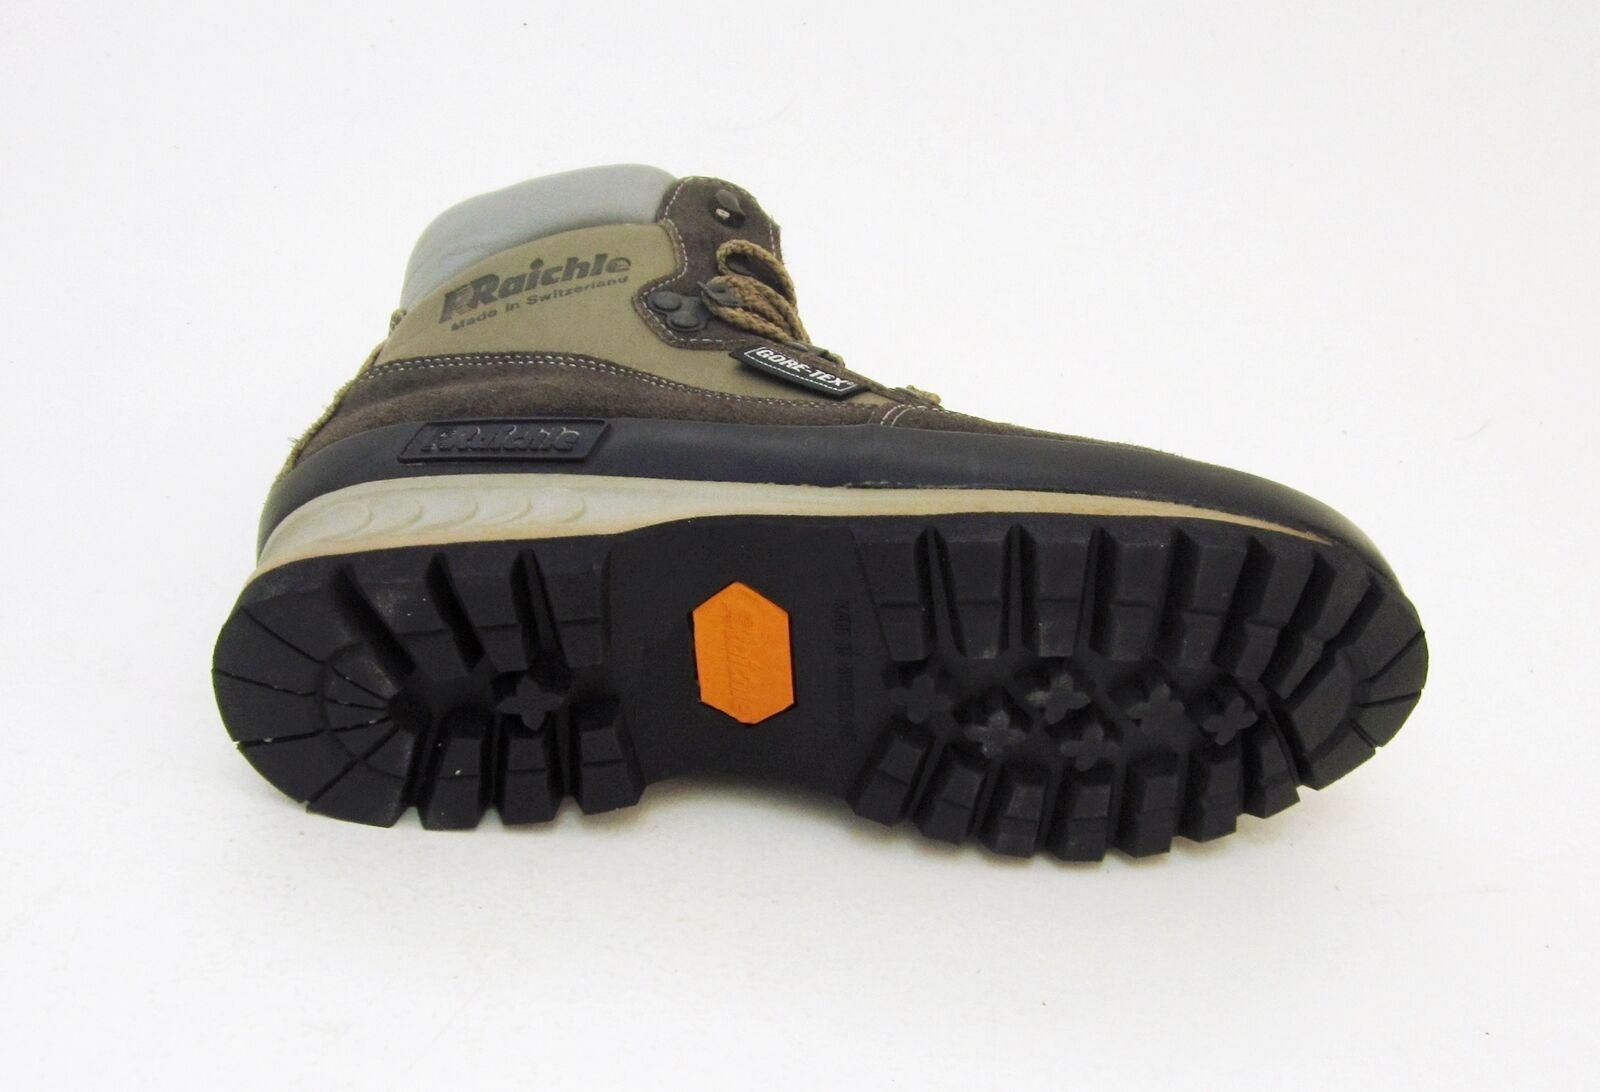 Stiefel Raichle Trekking Stiefeletten Echtleder Gummi Schnürer grau GR. GR. grau 5,5 = 38,5 4b0623